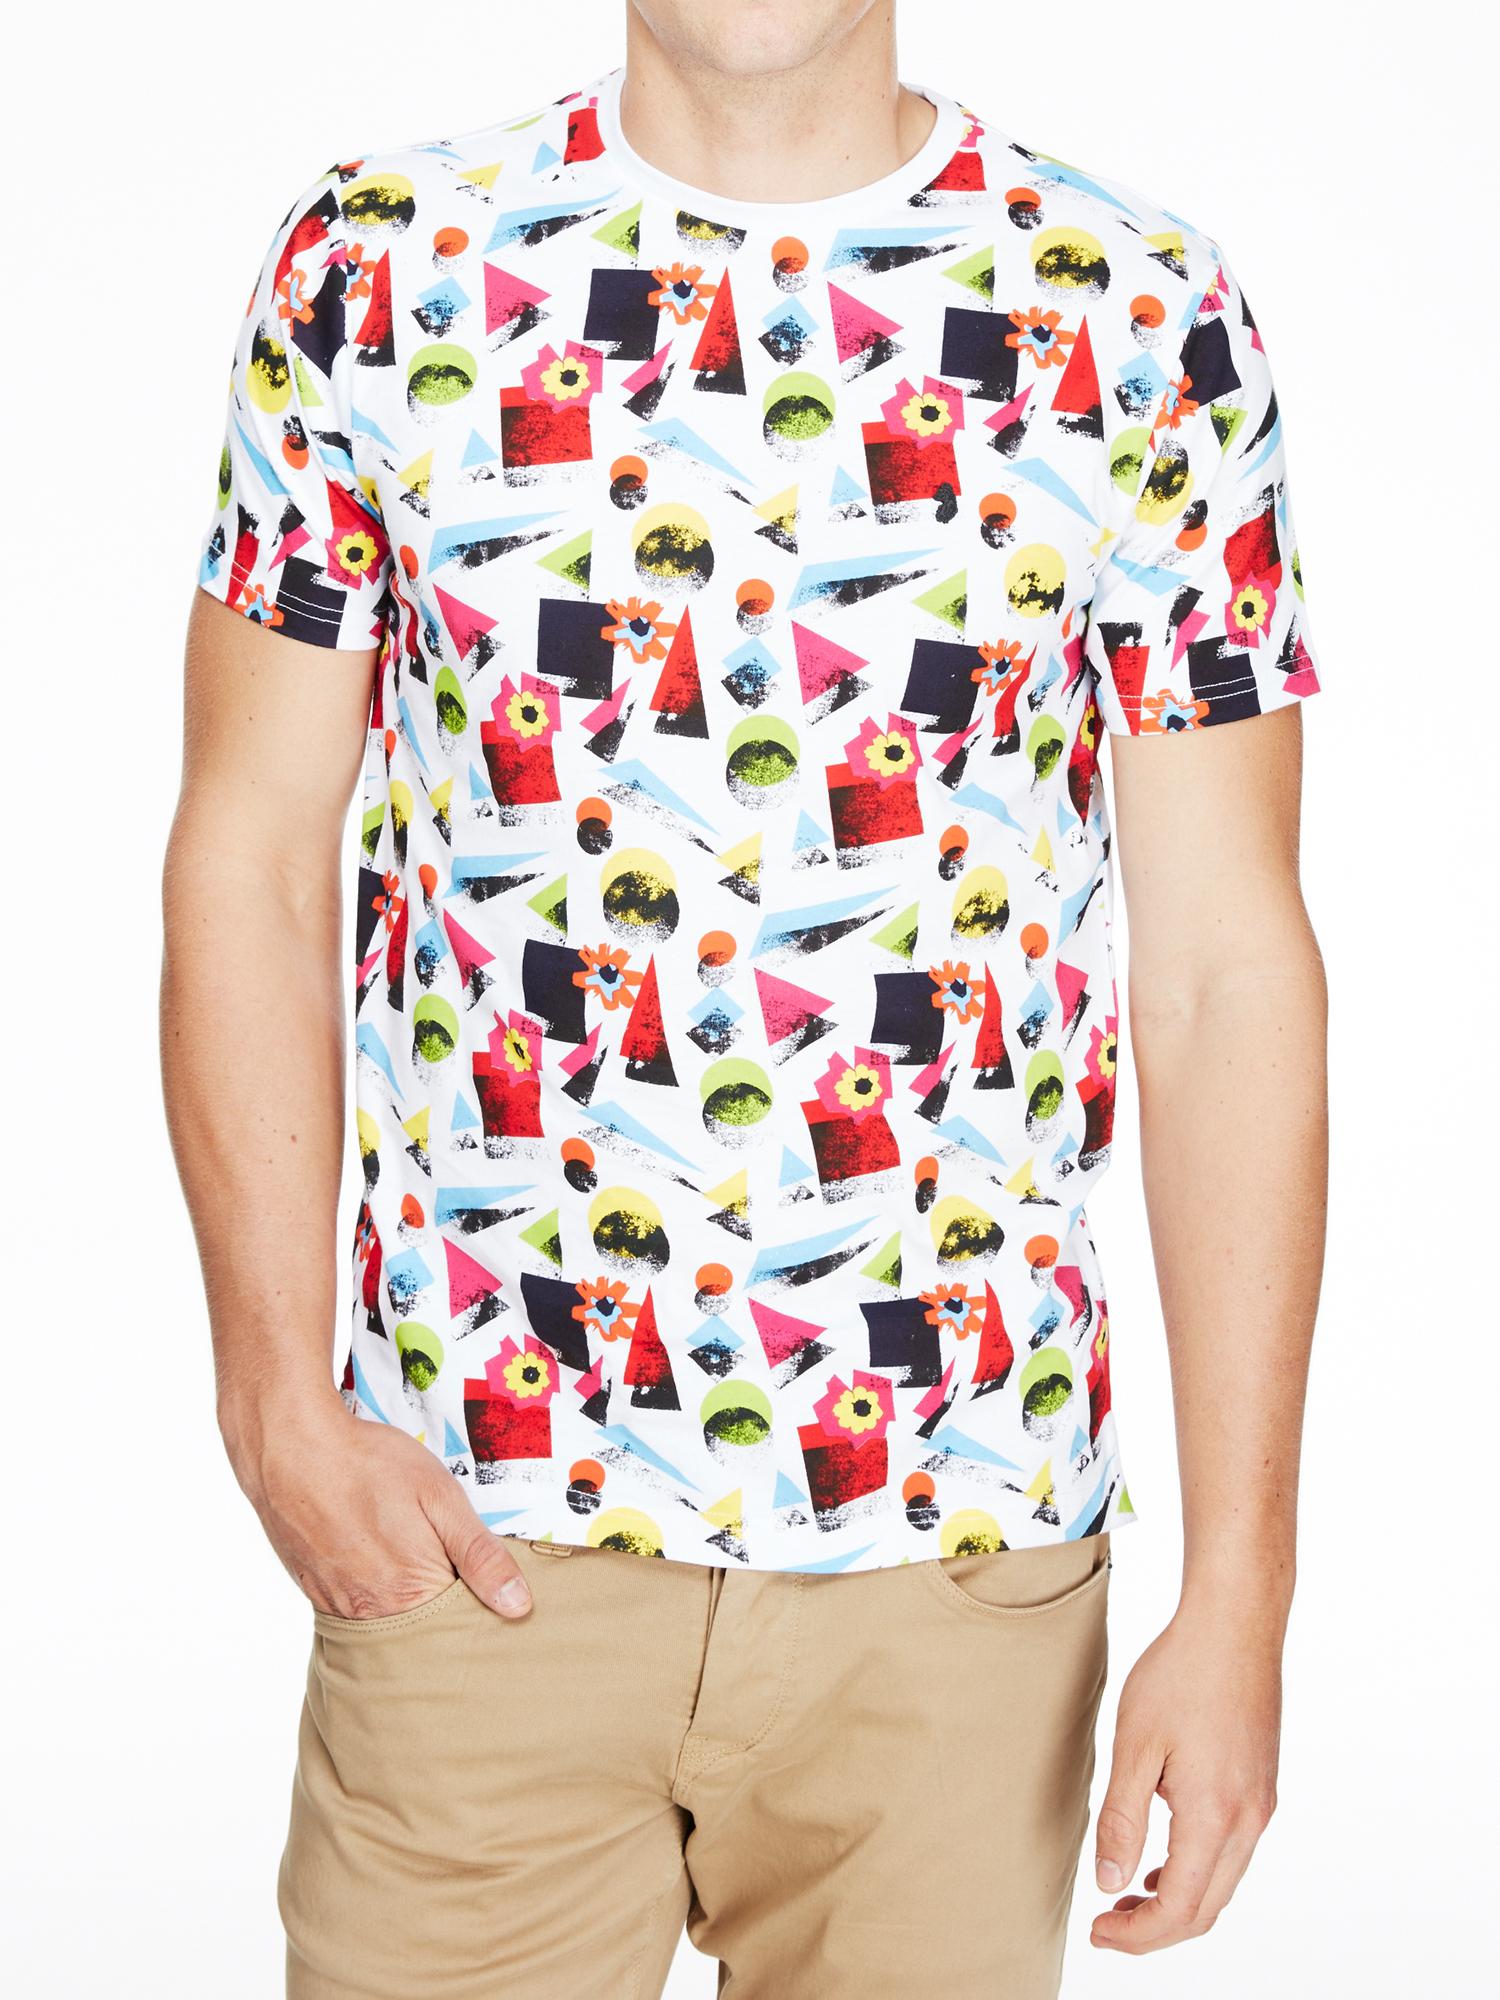 Shirt design uber - Luke 1977 Mens Brightville Graphic Shape Crew Neck Designer T Shirt